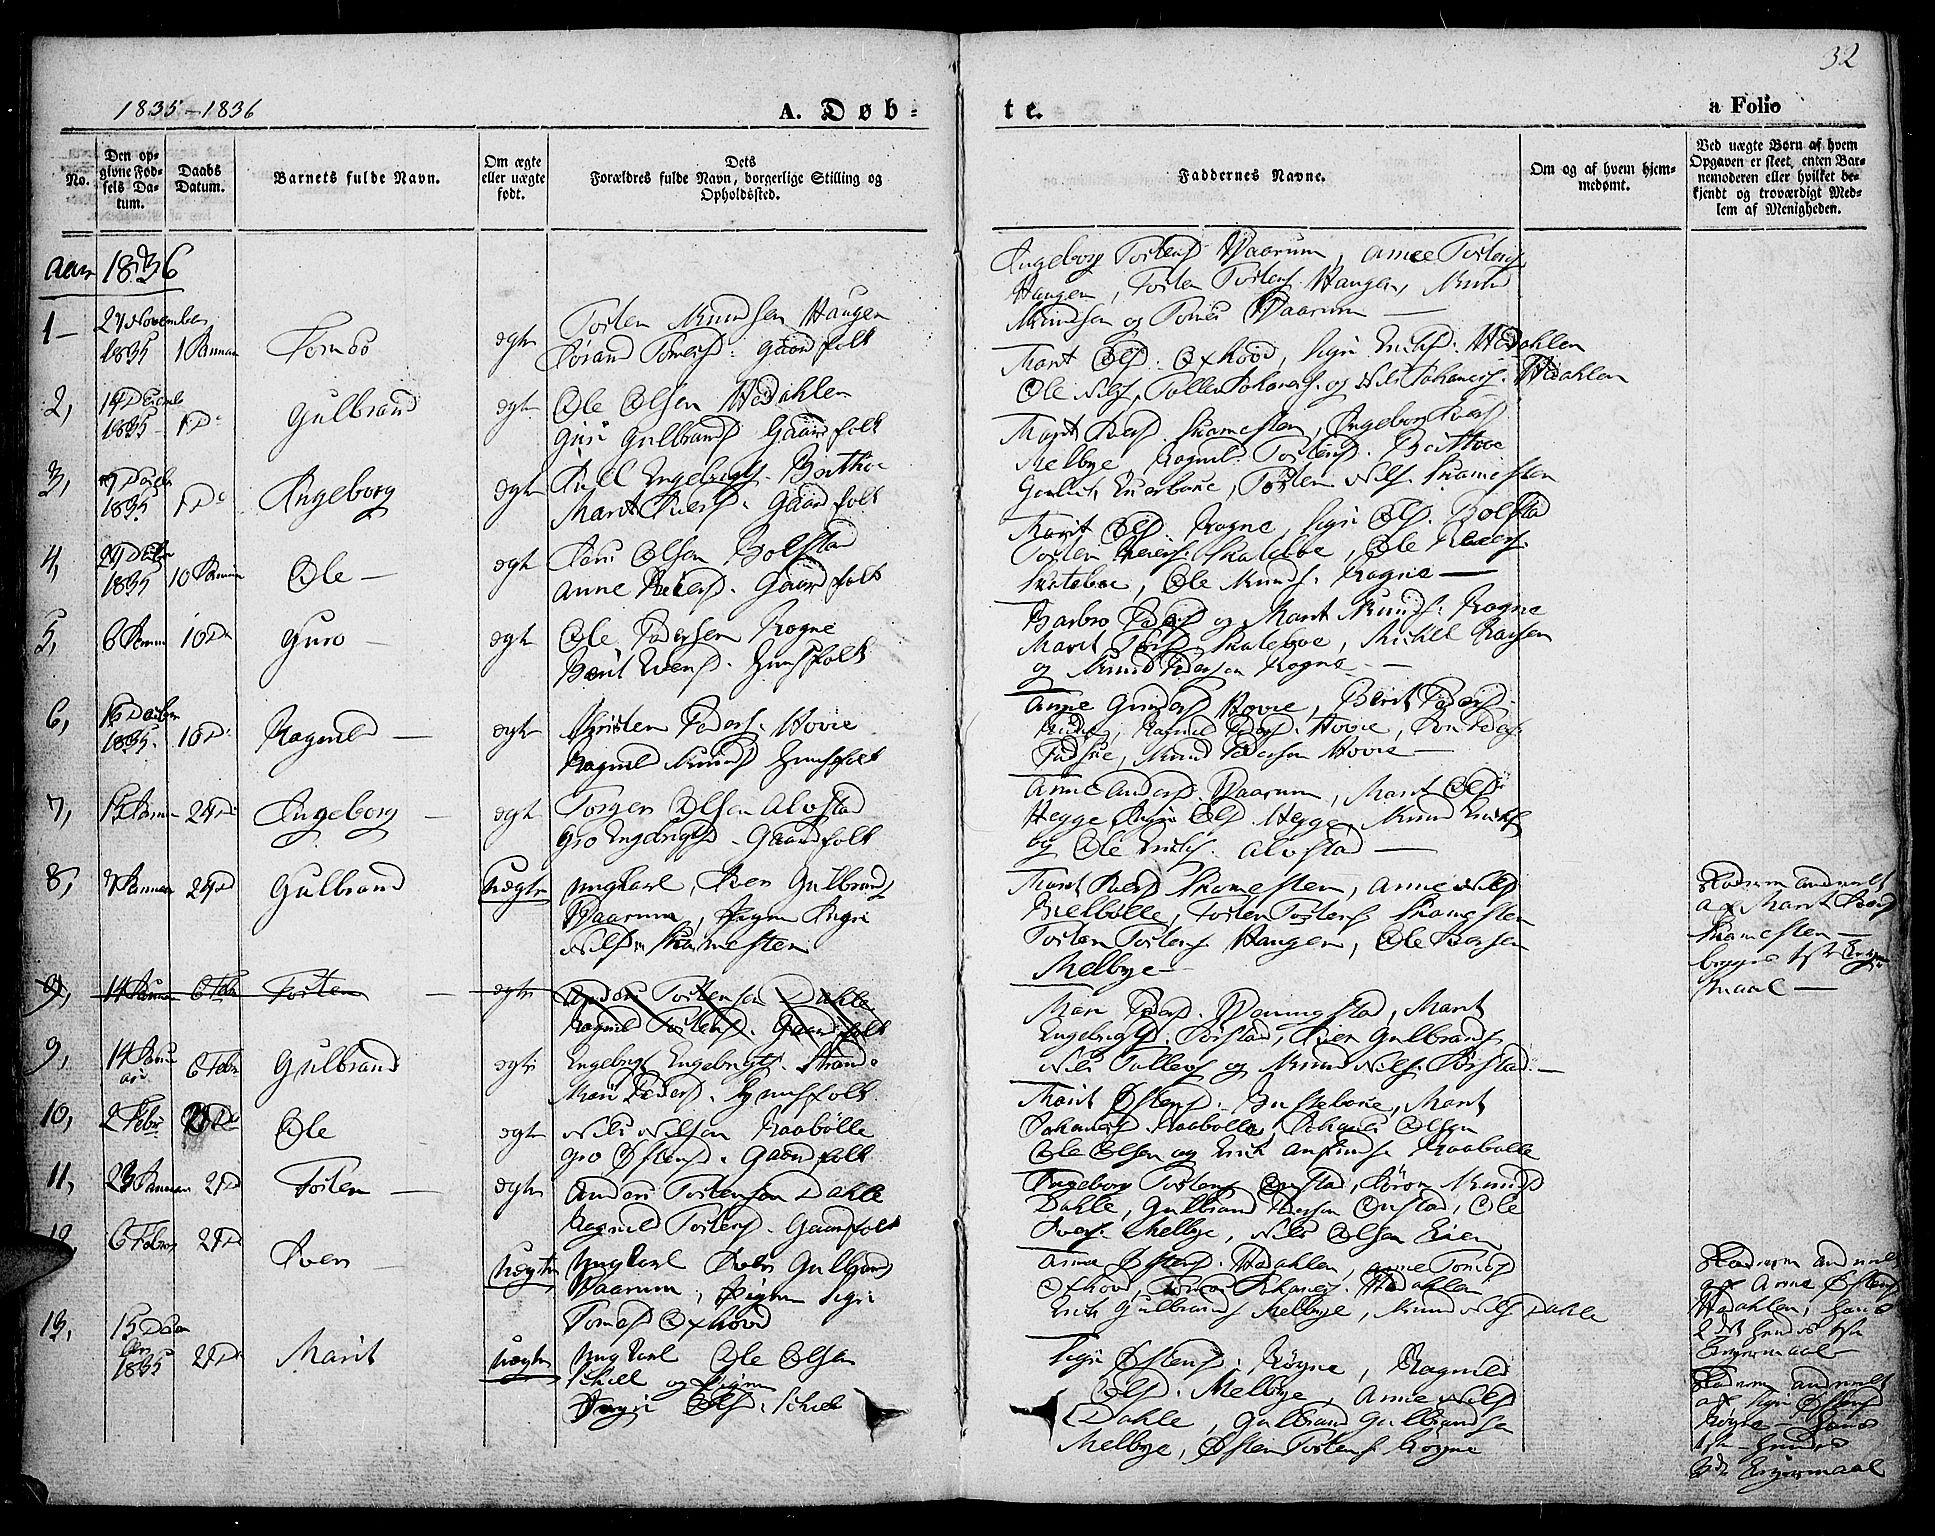 SAH, Slidre prestekontor, Ministerialbok nr. 4, 1831-1848, s. 32